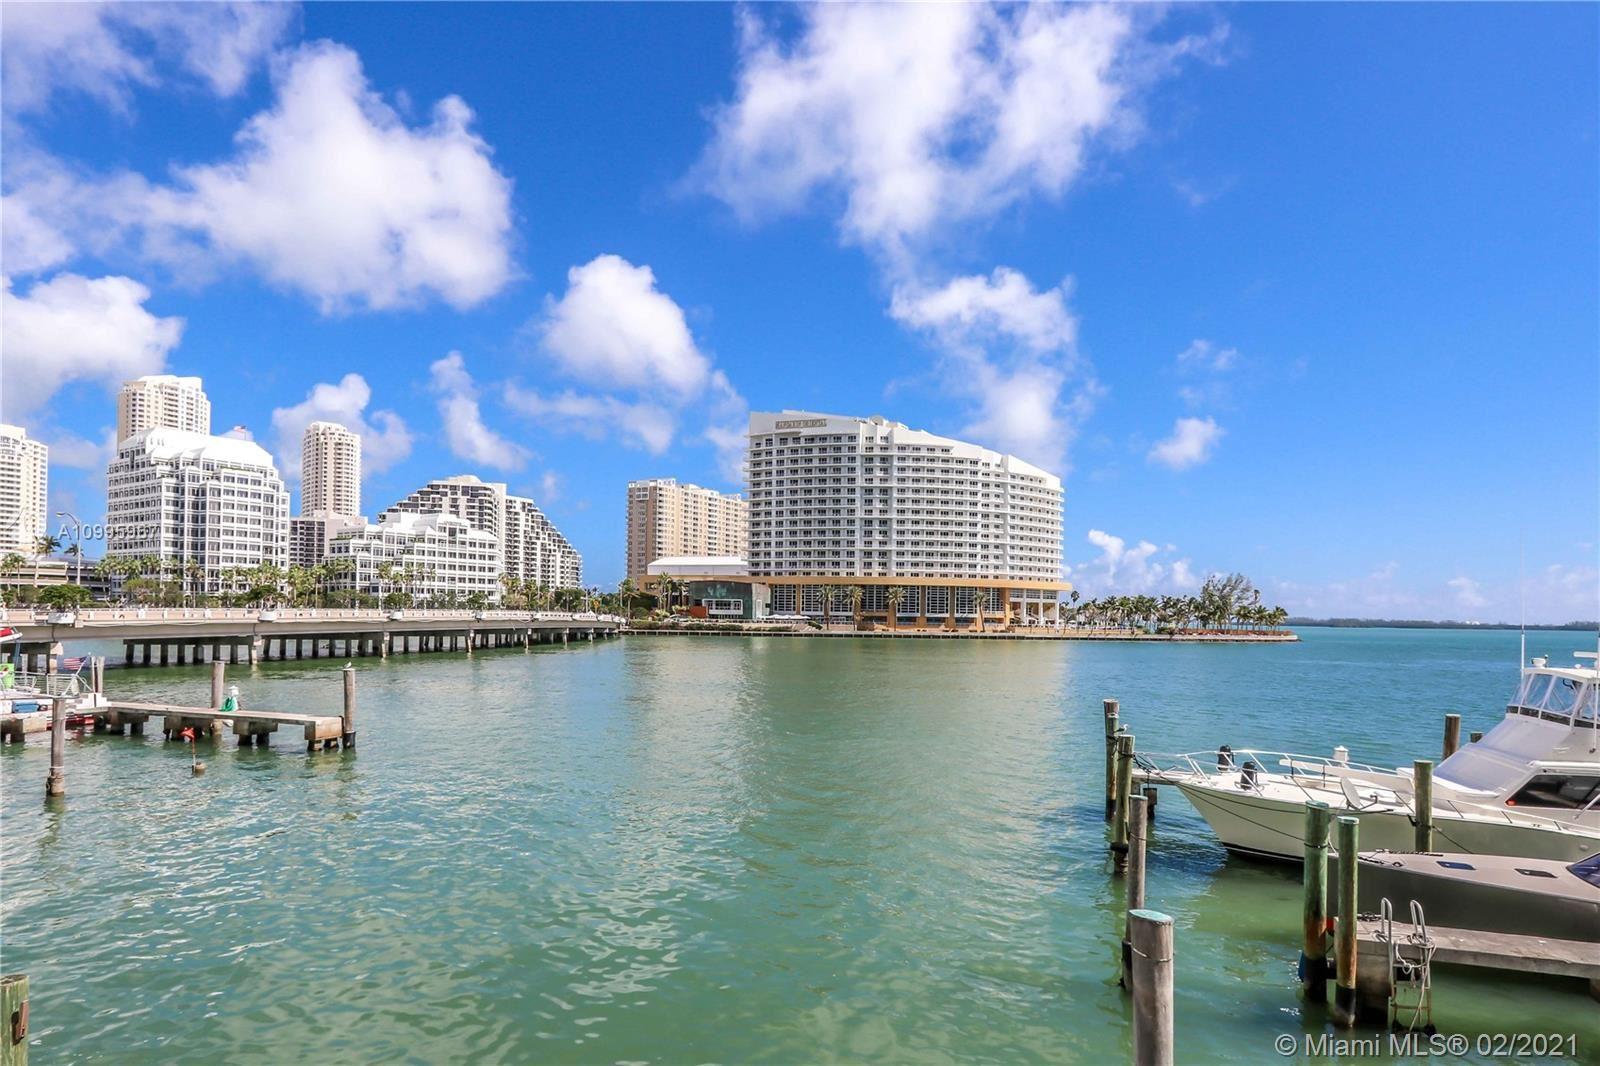 999 Brickell Bay Dr #1107, Miami, FL 33131 - #: A10995967